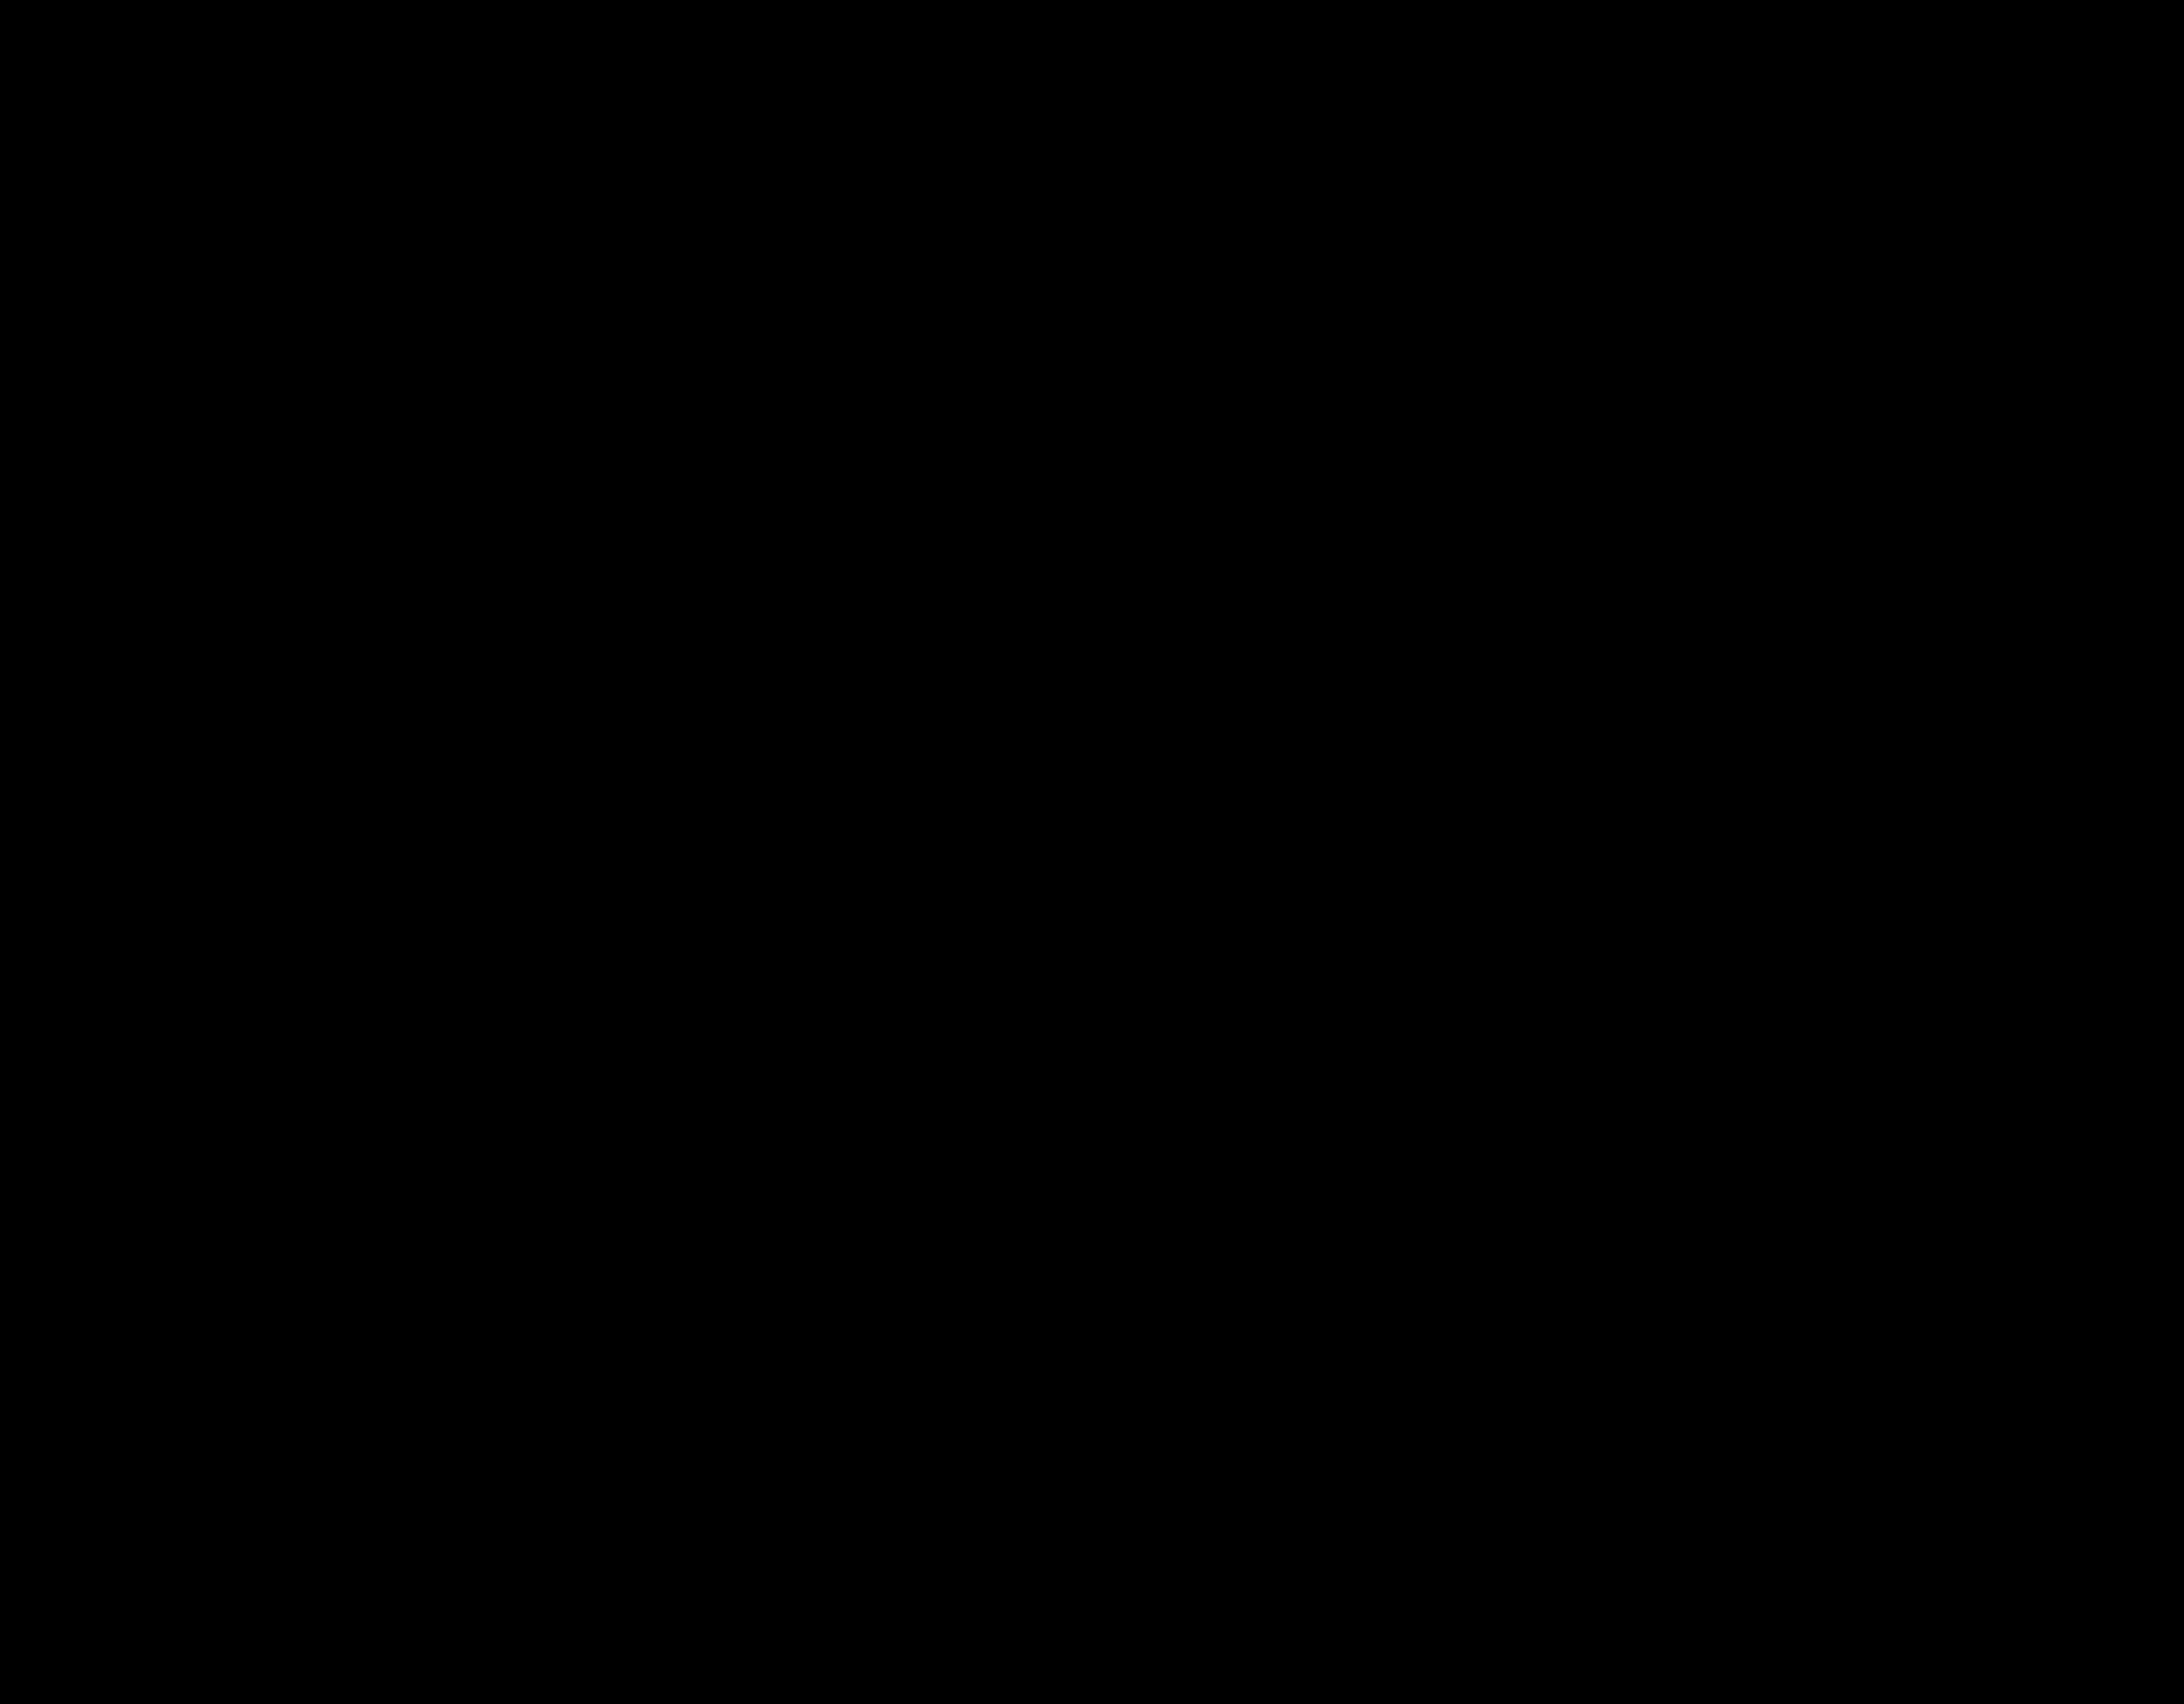 spotty frame black